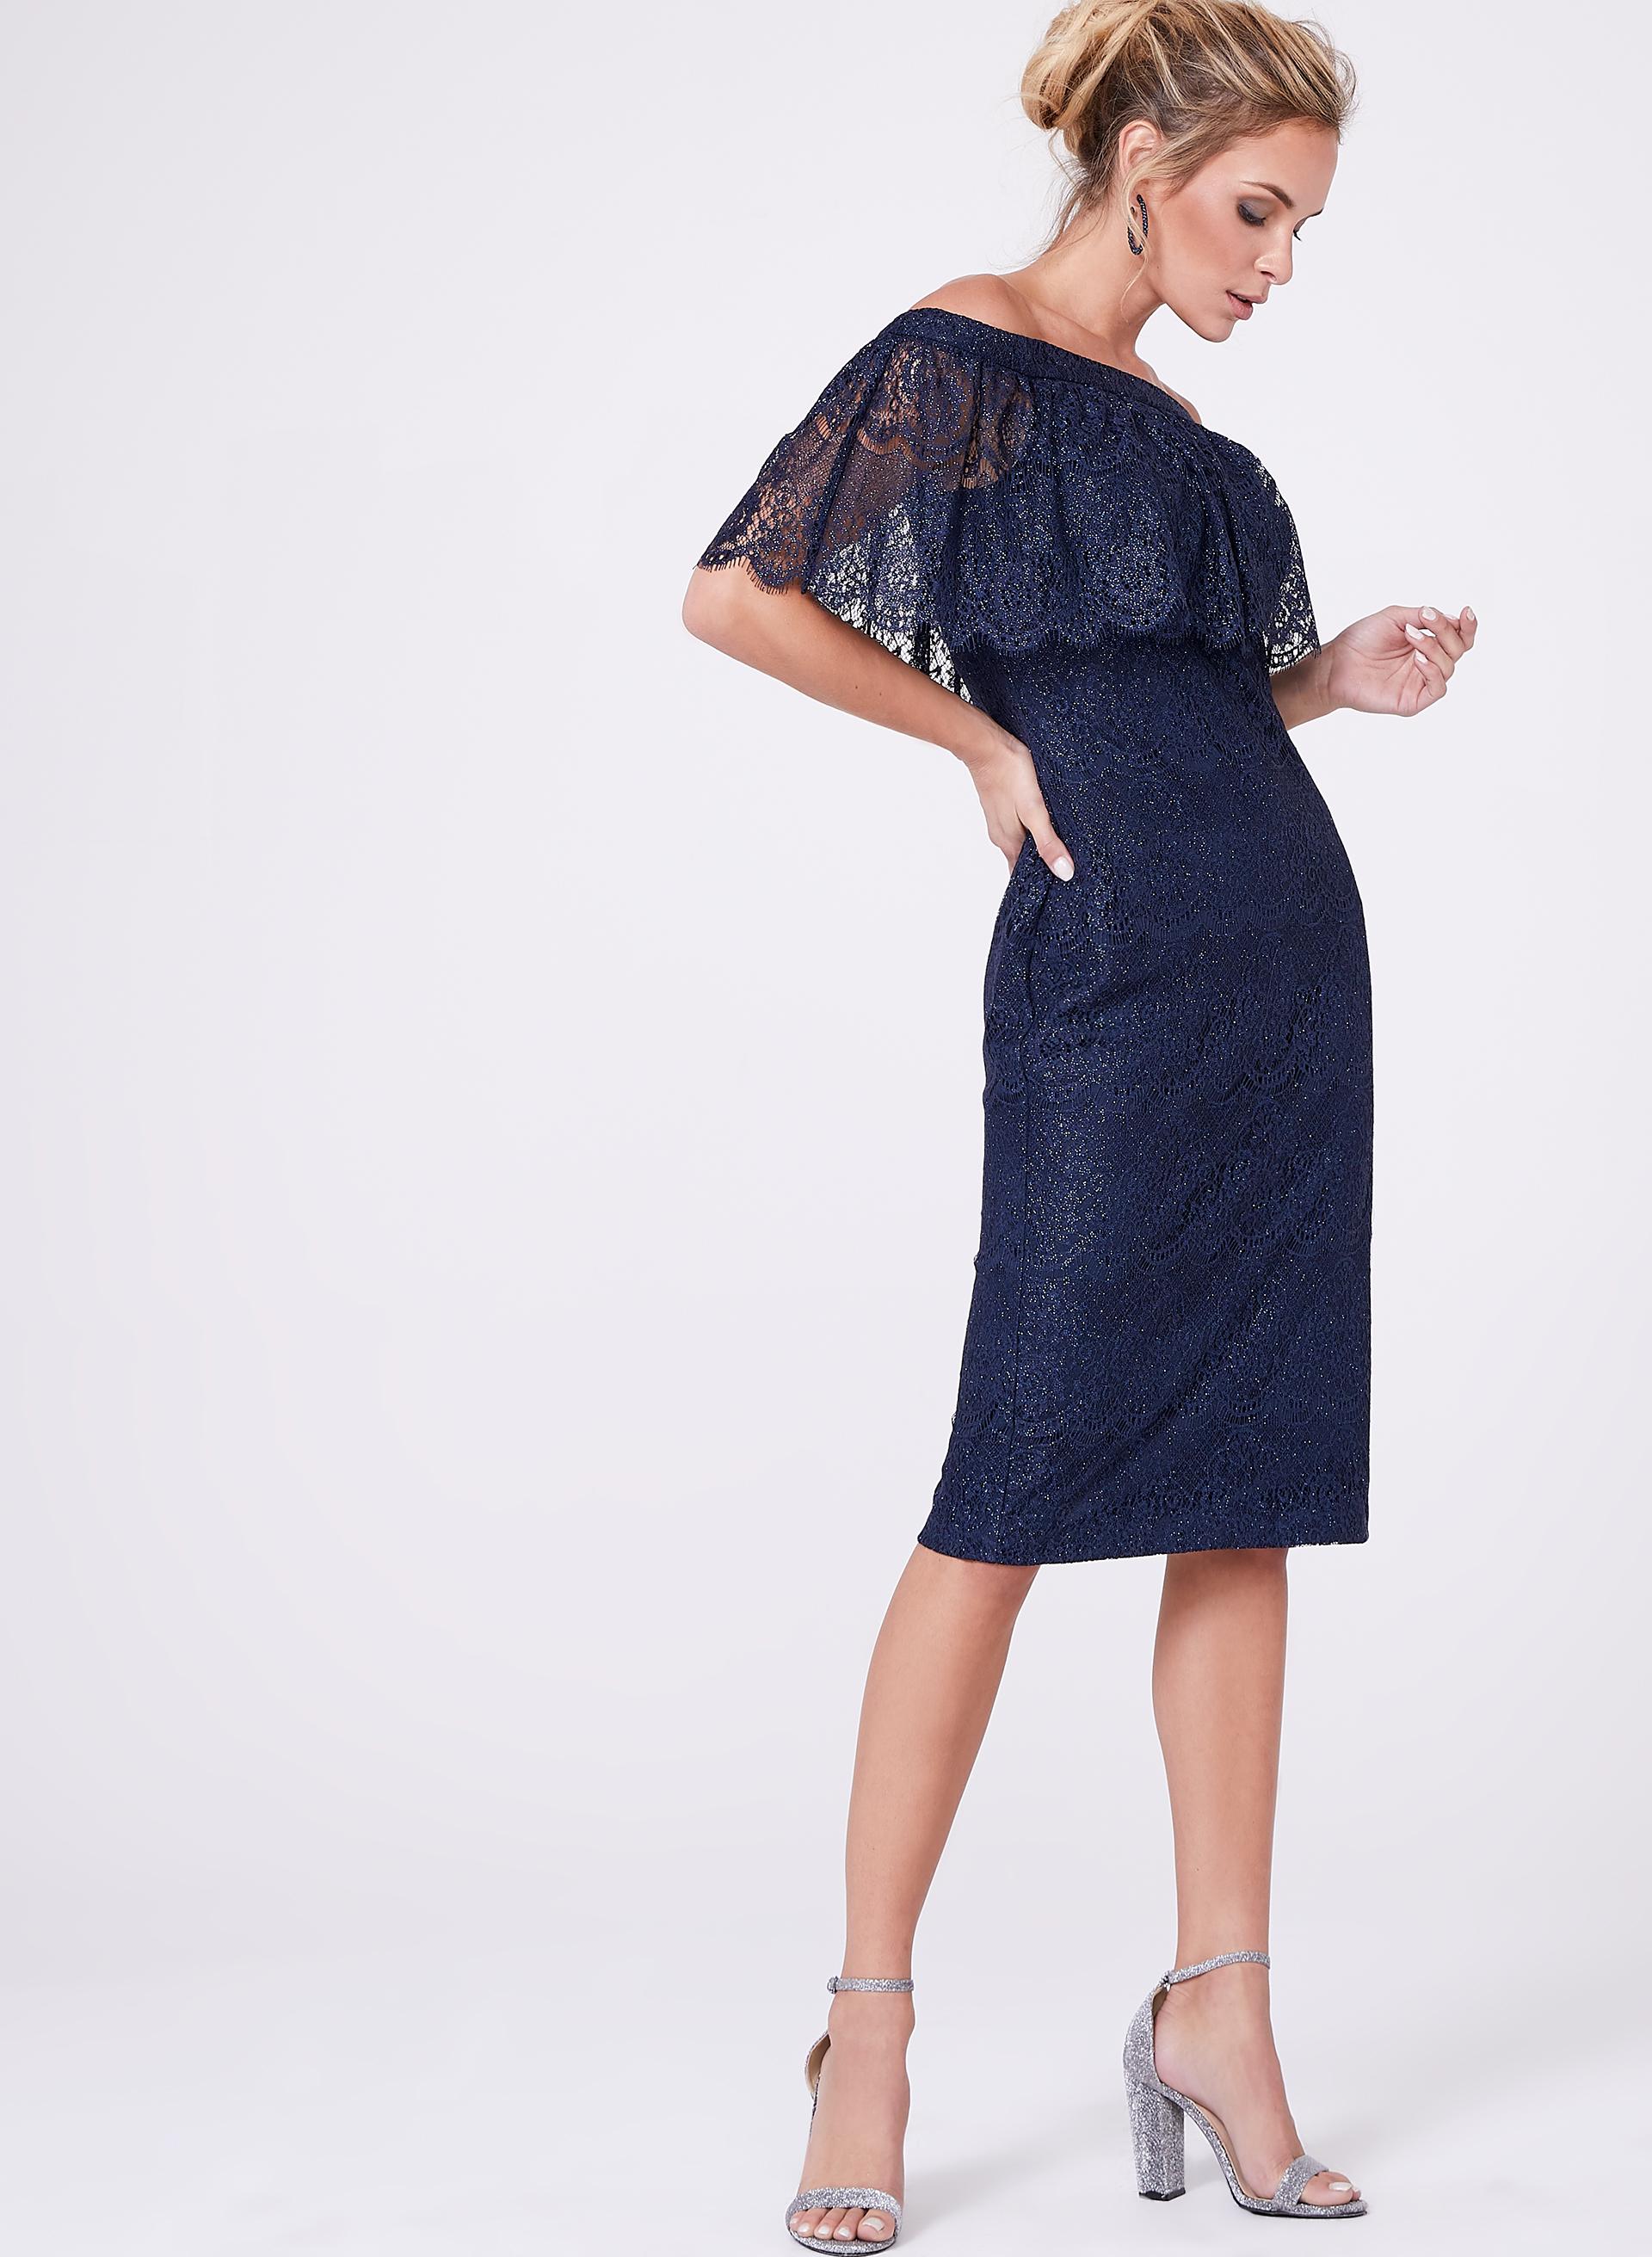 Cheap dresses vancouver bc 99